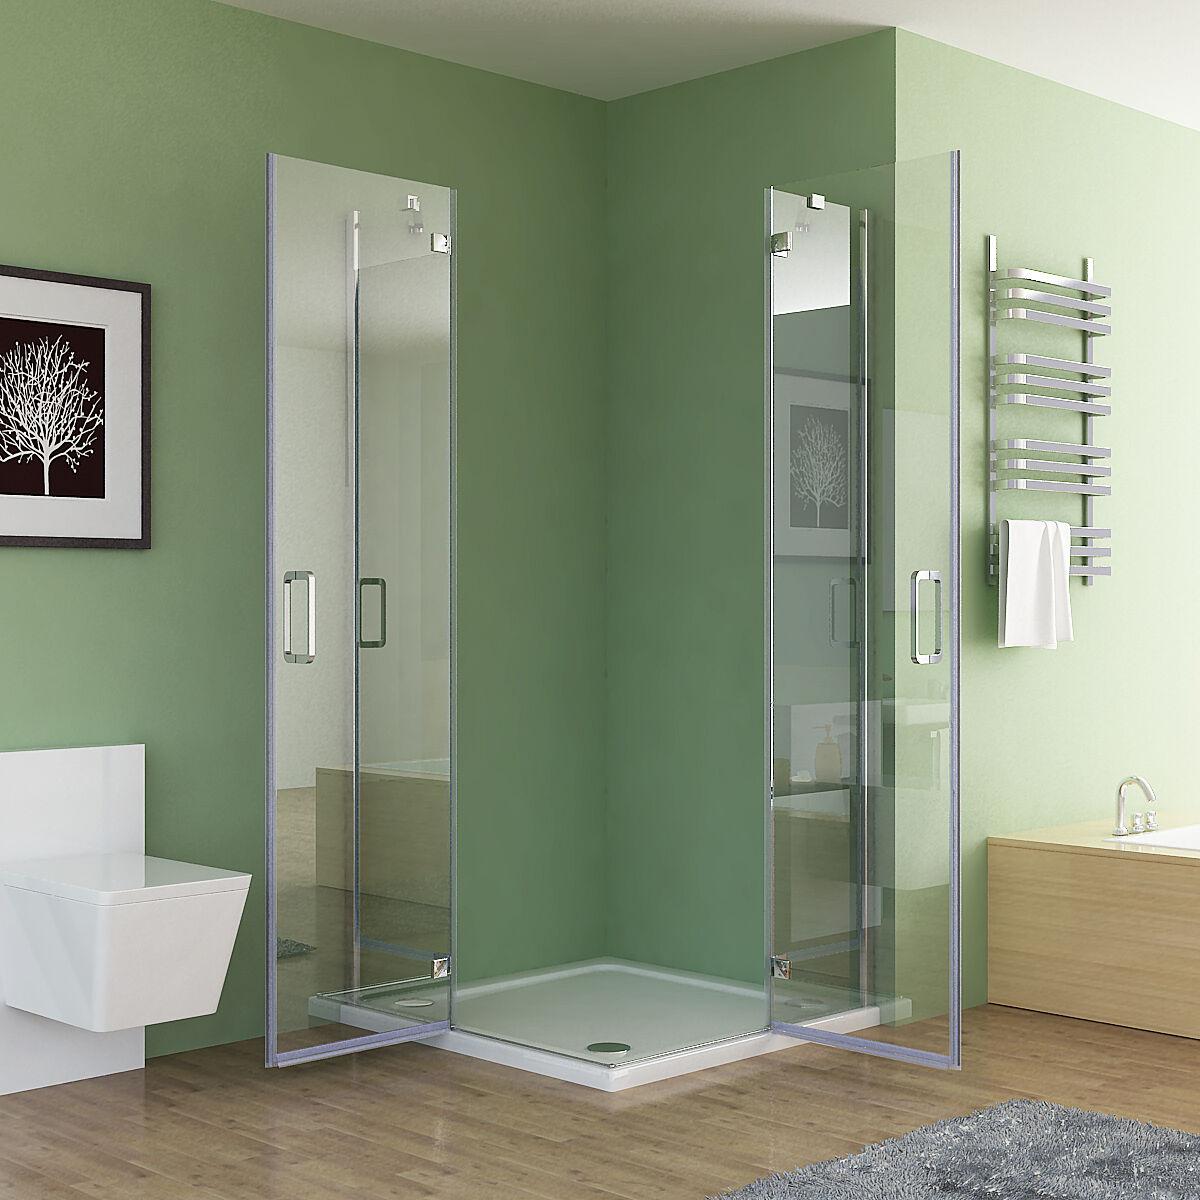 duschkabine eckeinstieg dusche faltt r duschwand. Black Bedroom Furniture Sets. Home Design Ideas